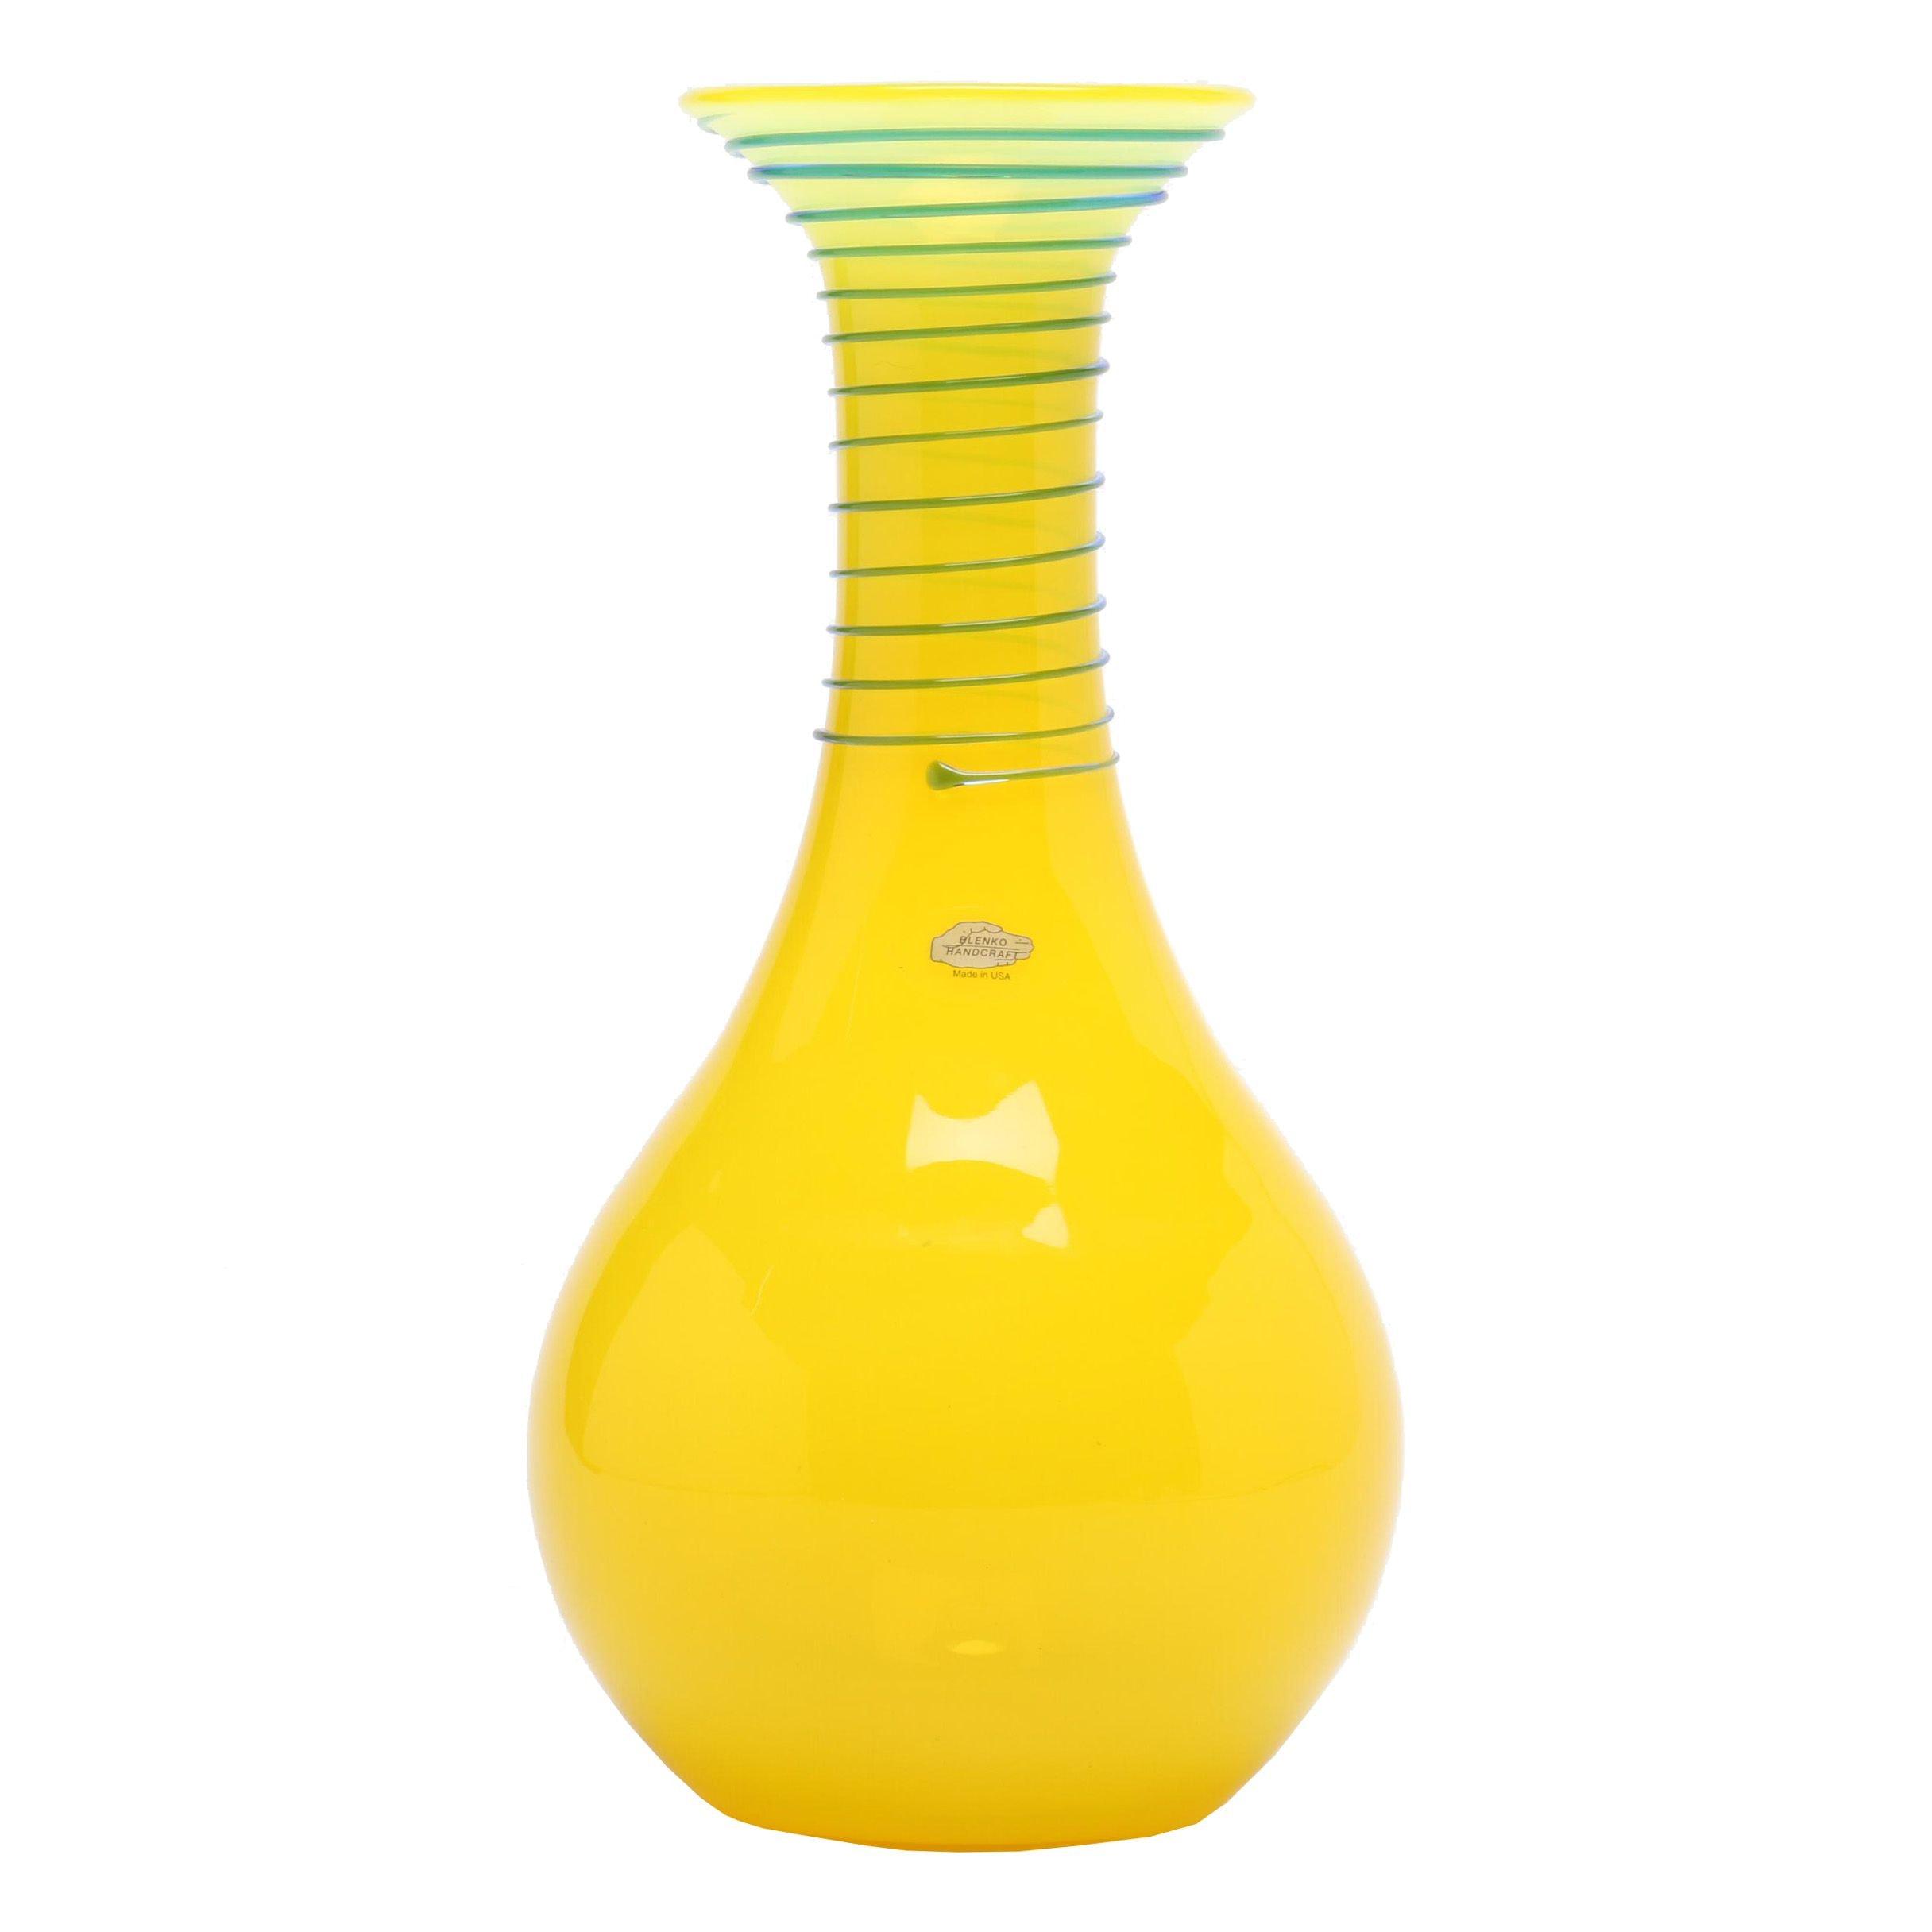 Signed Blenko Hand-Blown Glass Vase